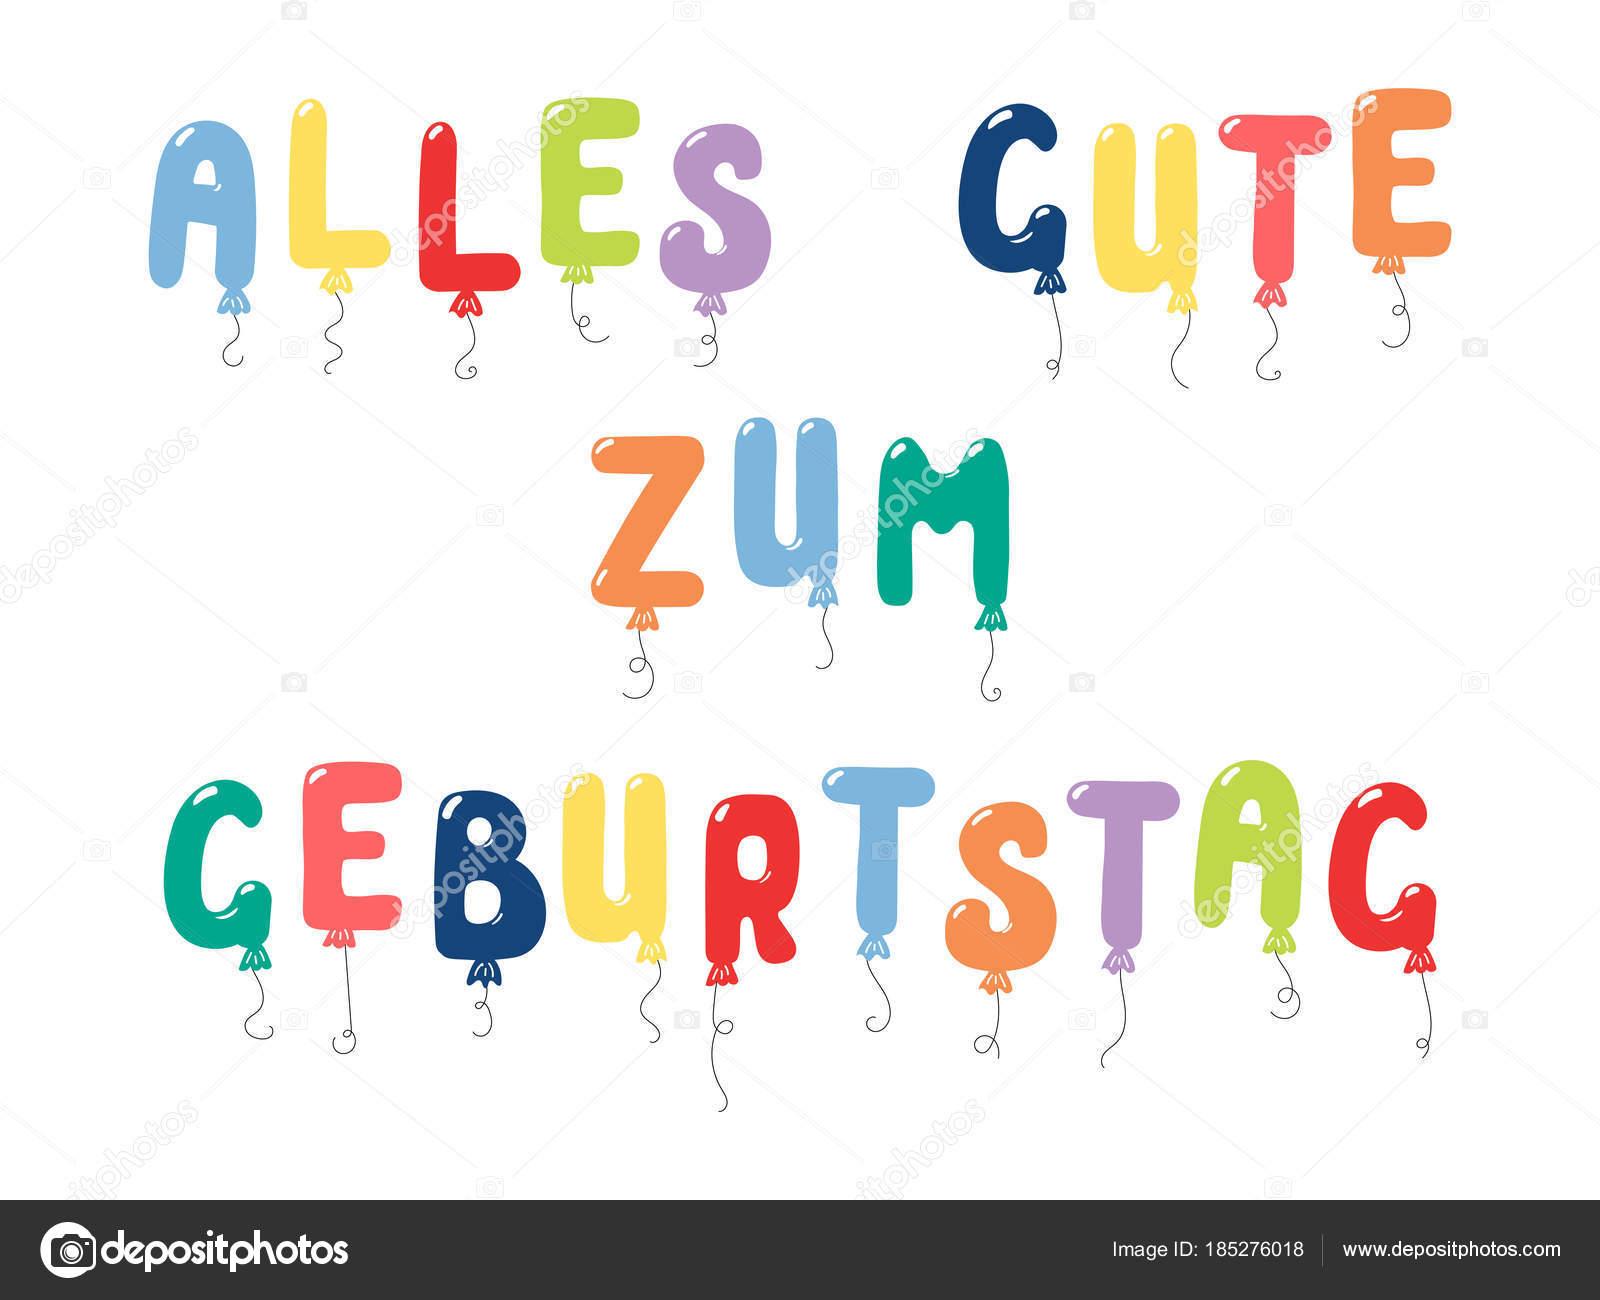 všechno nejlepší k narozeninám německy Ručně Tažené Přání Narozeninám Barevnými Balónky Řetězce Tvaru  všechno nejlepší k narozeninám německy